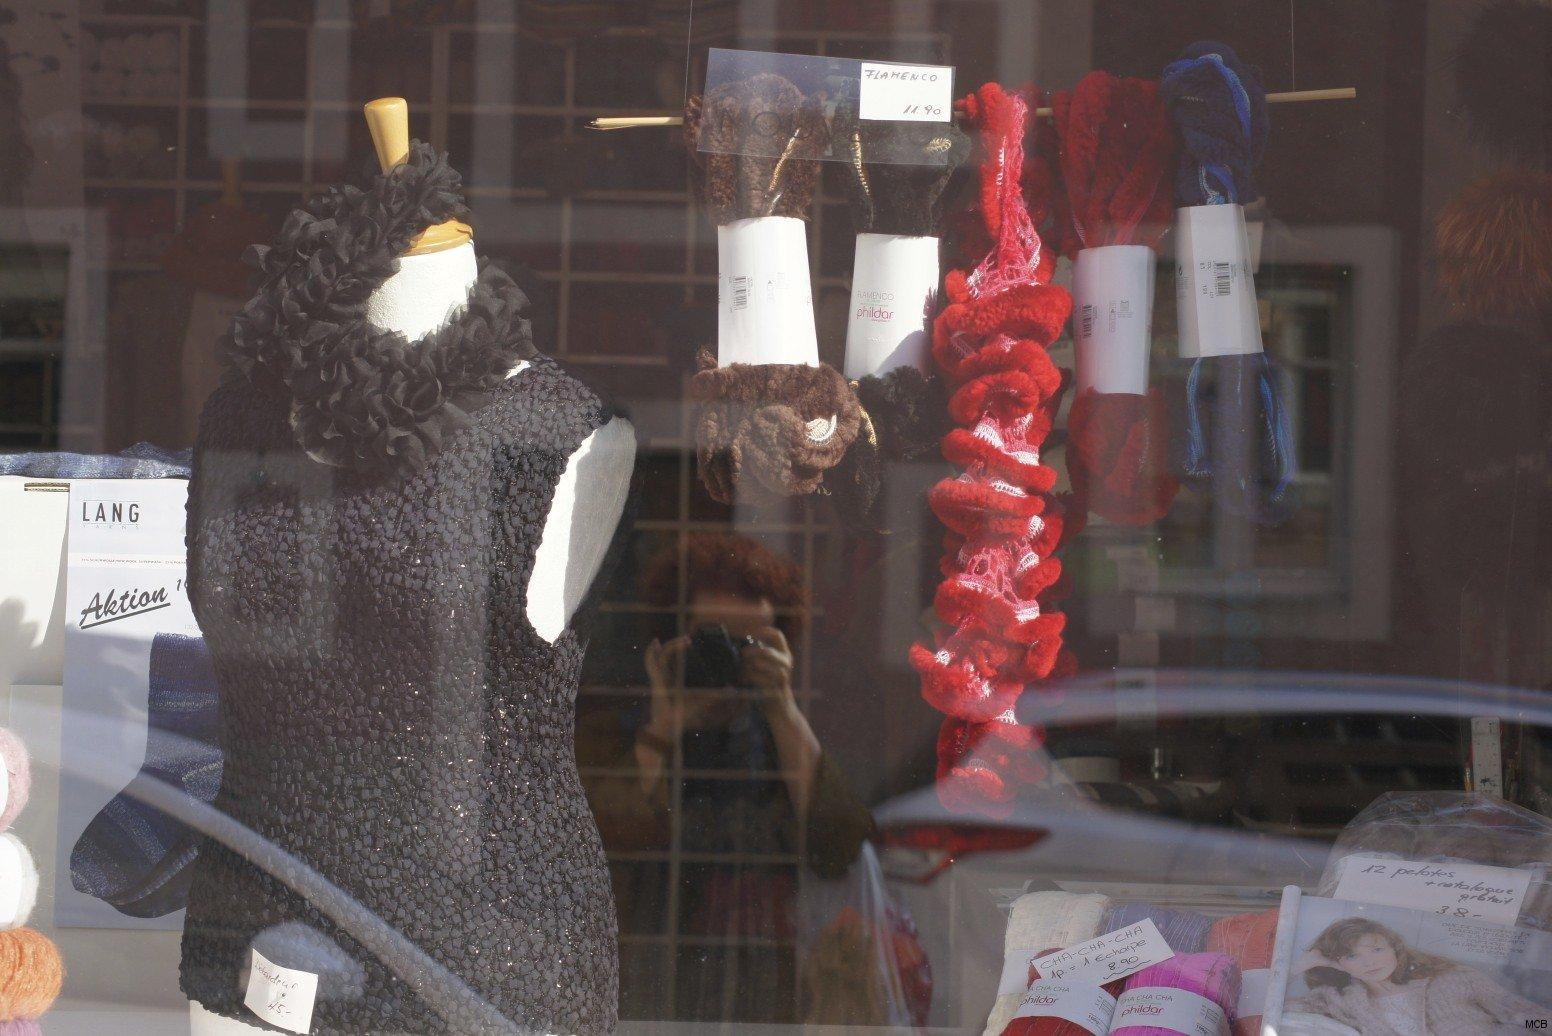 Fil de laine dans vitrine